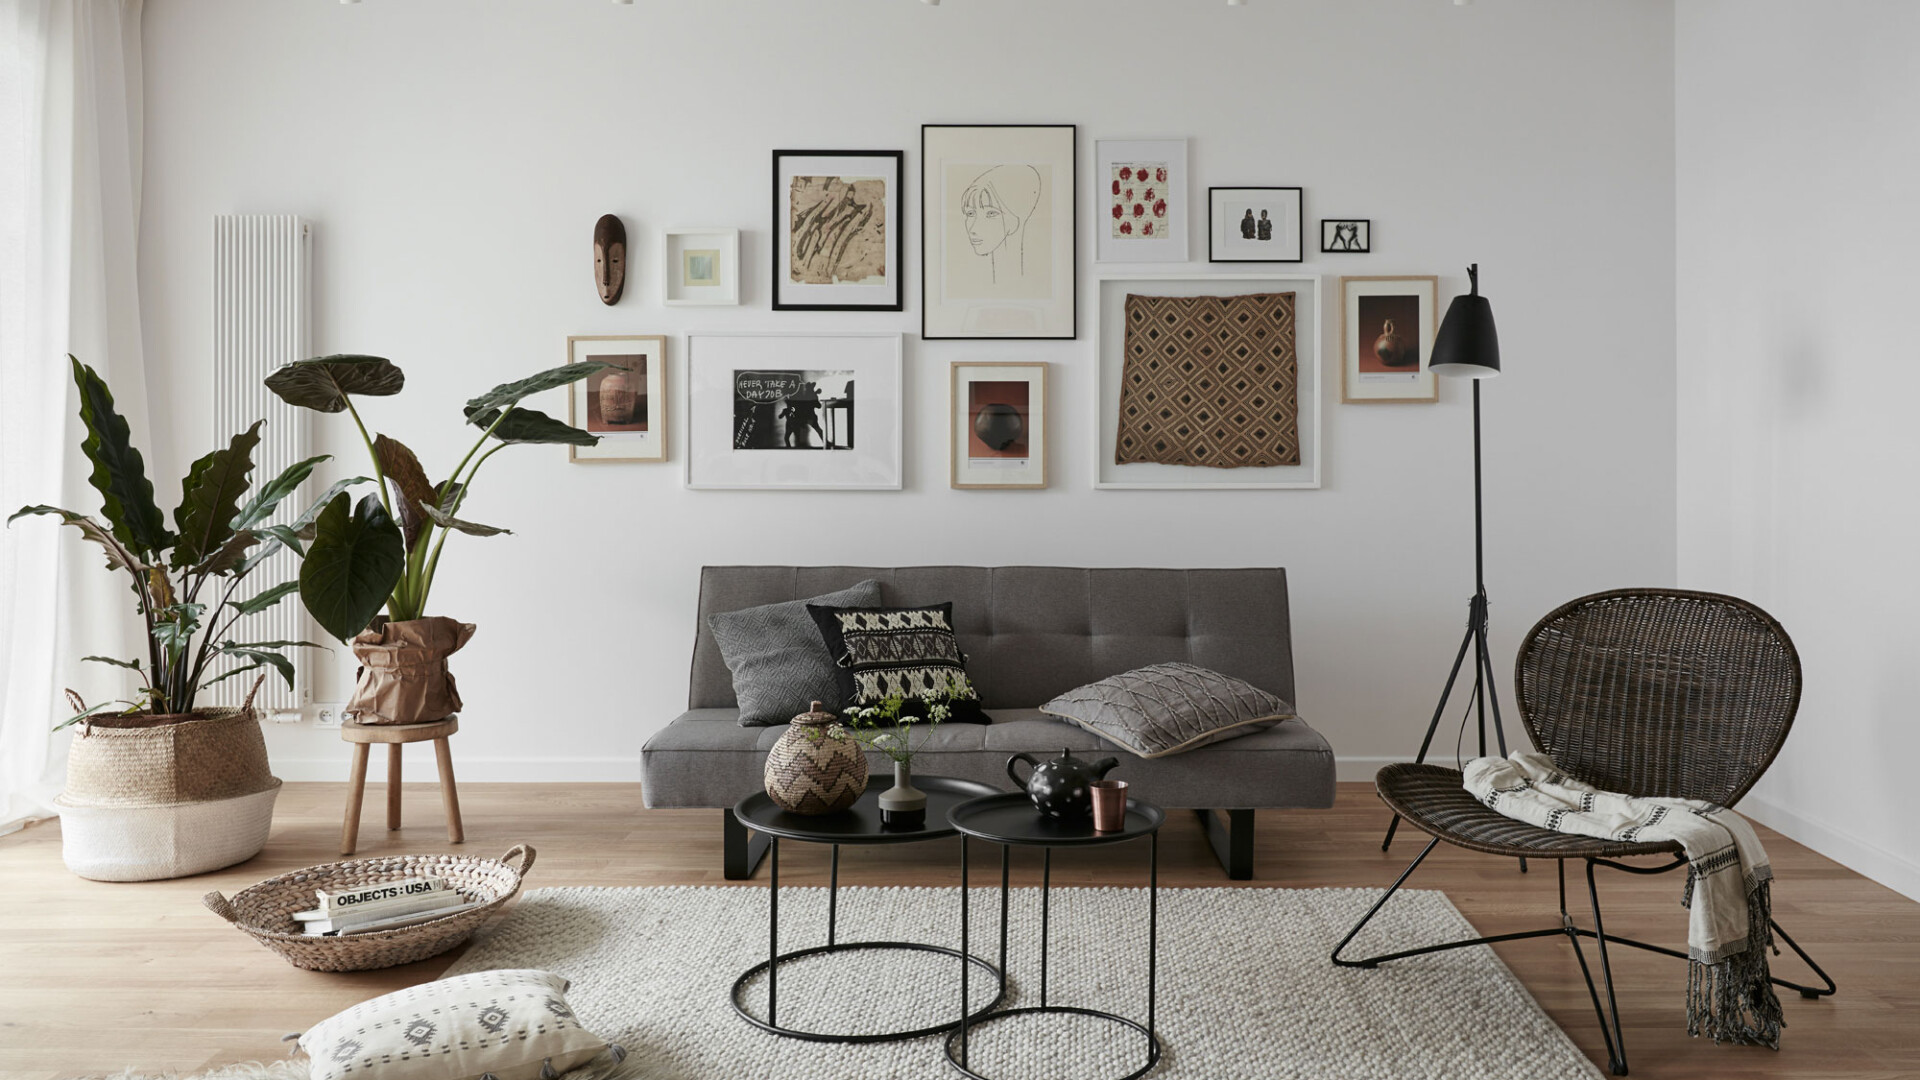 Mieszkanie pod wynajem w Warszawie. Projekt, realizacja, zdjęcia i stylizacja w wykonaniu JAM KOLEKTYW.